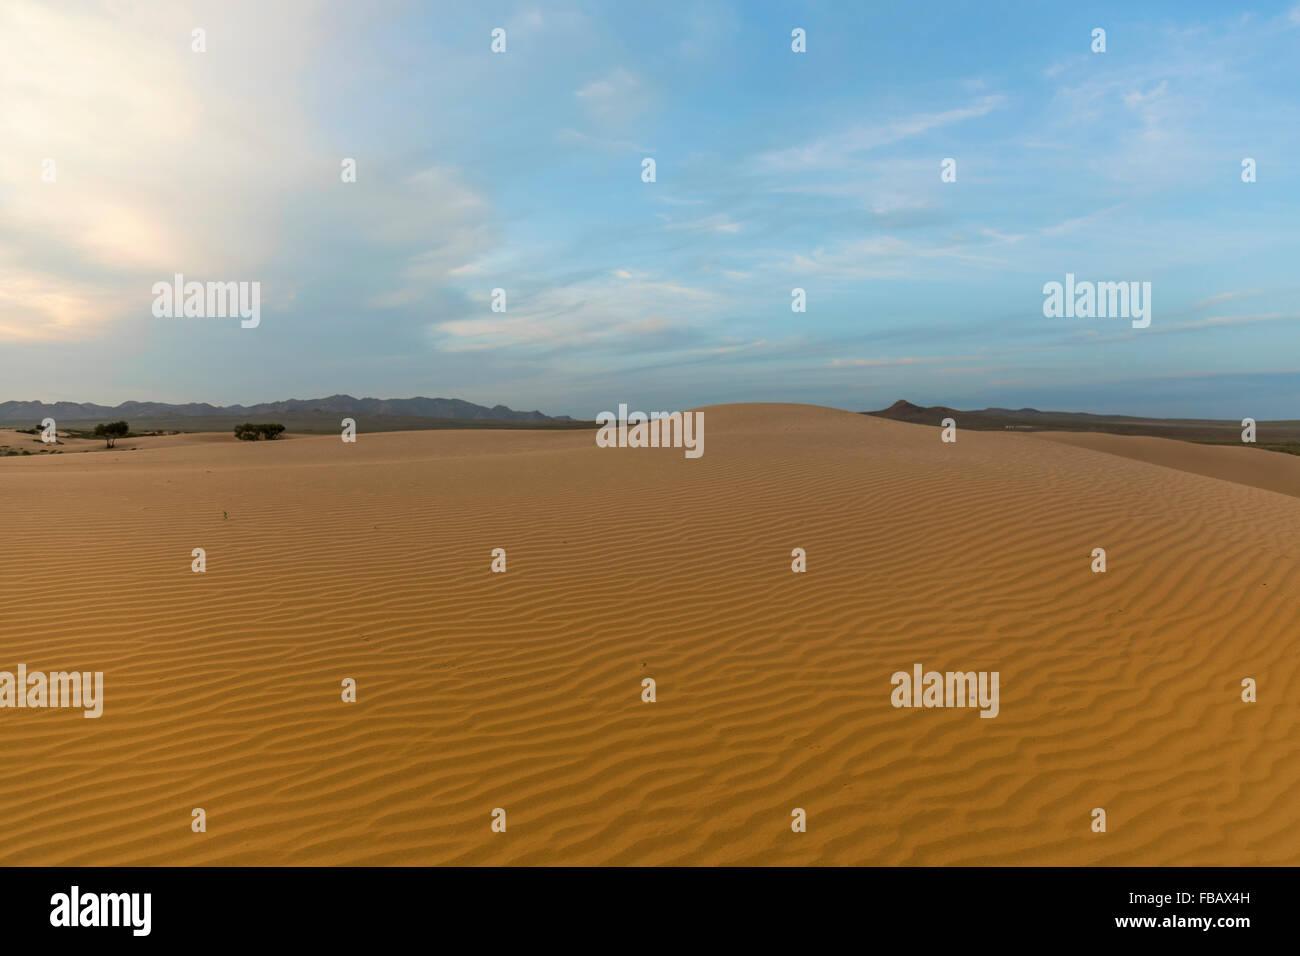 Waves of Sand at the Gobi Desert, Mongolia - Stock Image